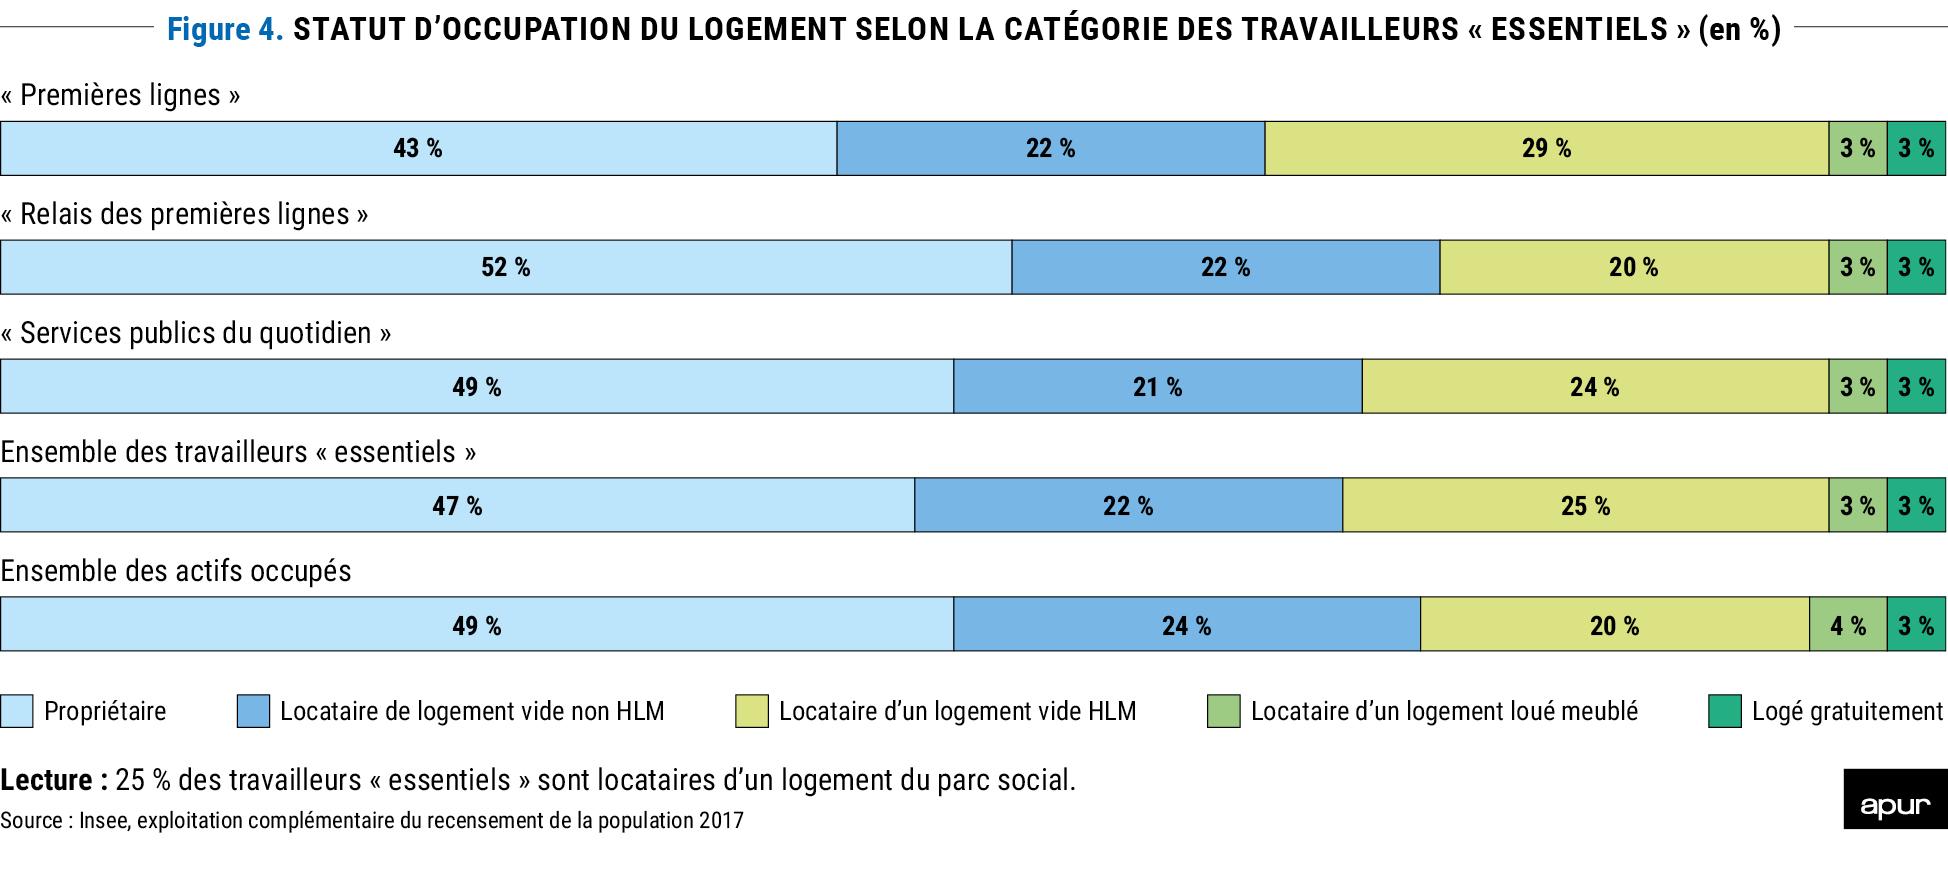 Figure 4 - Statut d'occupation du logement selon la catégorie des travailleurs « essentiels » (en %) © Apur